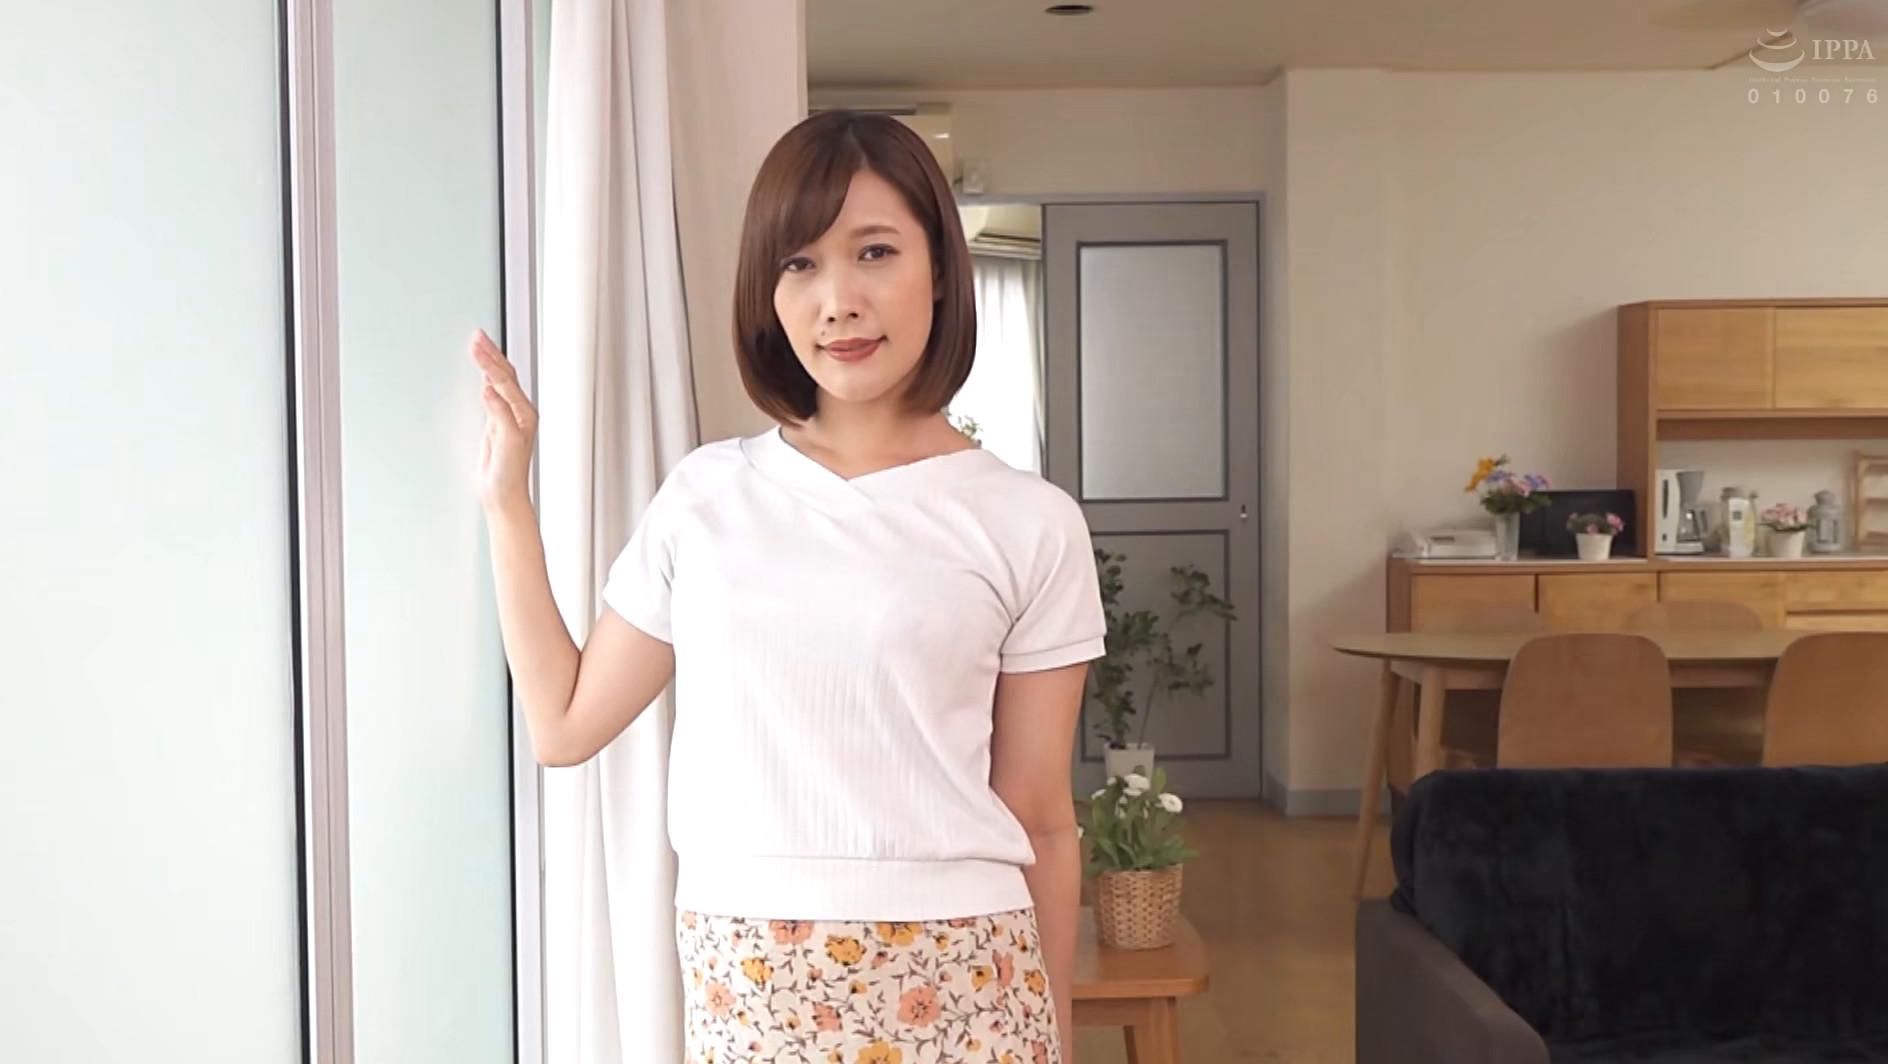 憧れの兄嫁と 池谷佳純 画像1